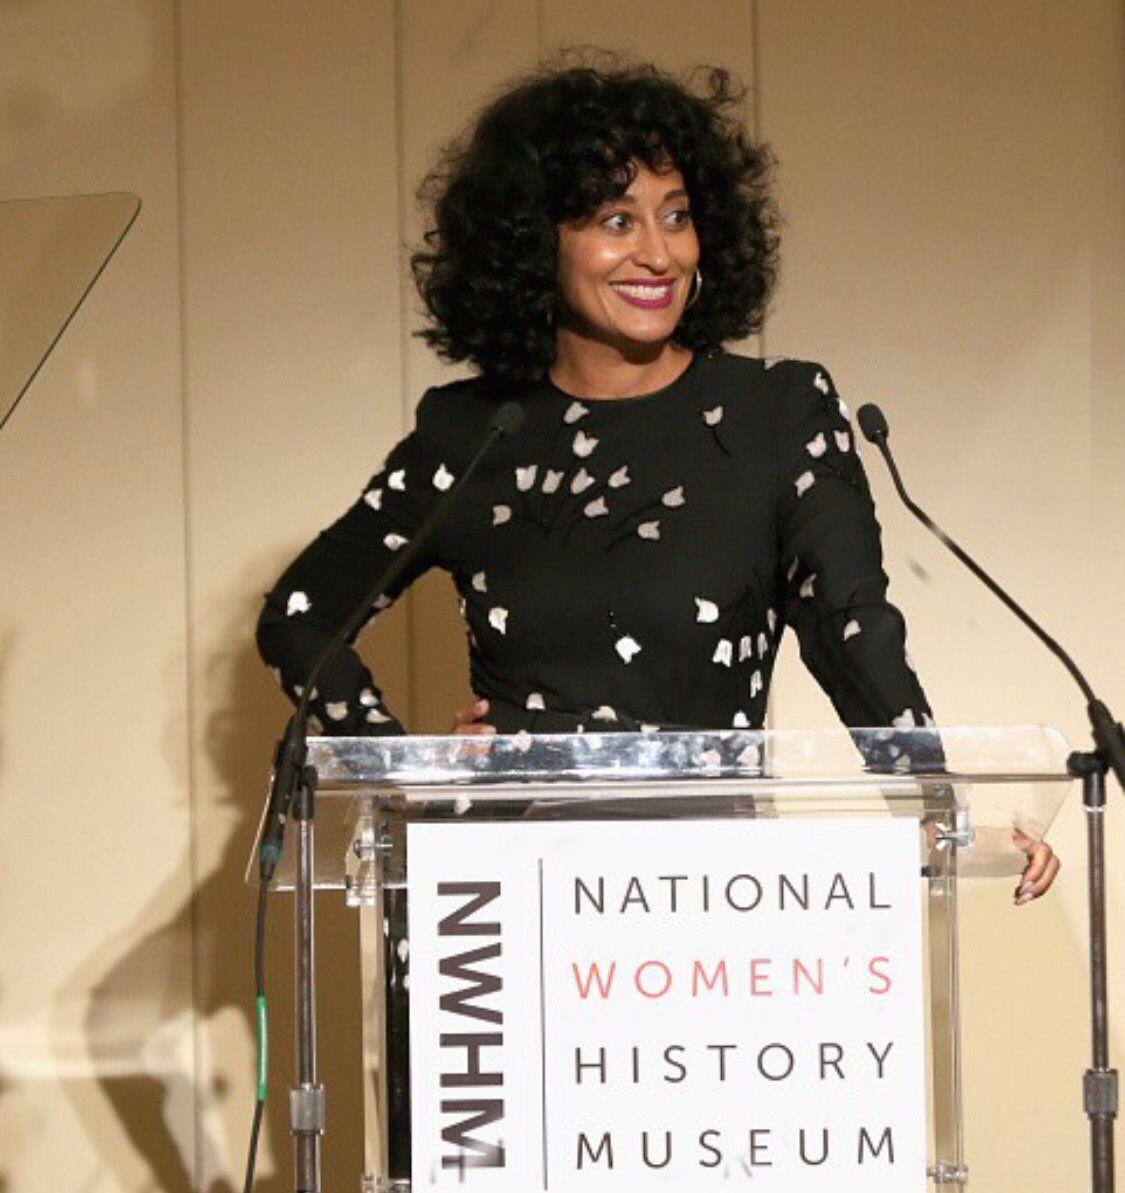 Tracee Ellis Ross on Twitter Women in history, Women's